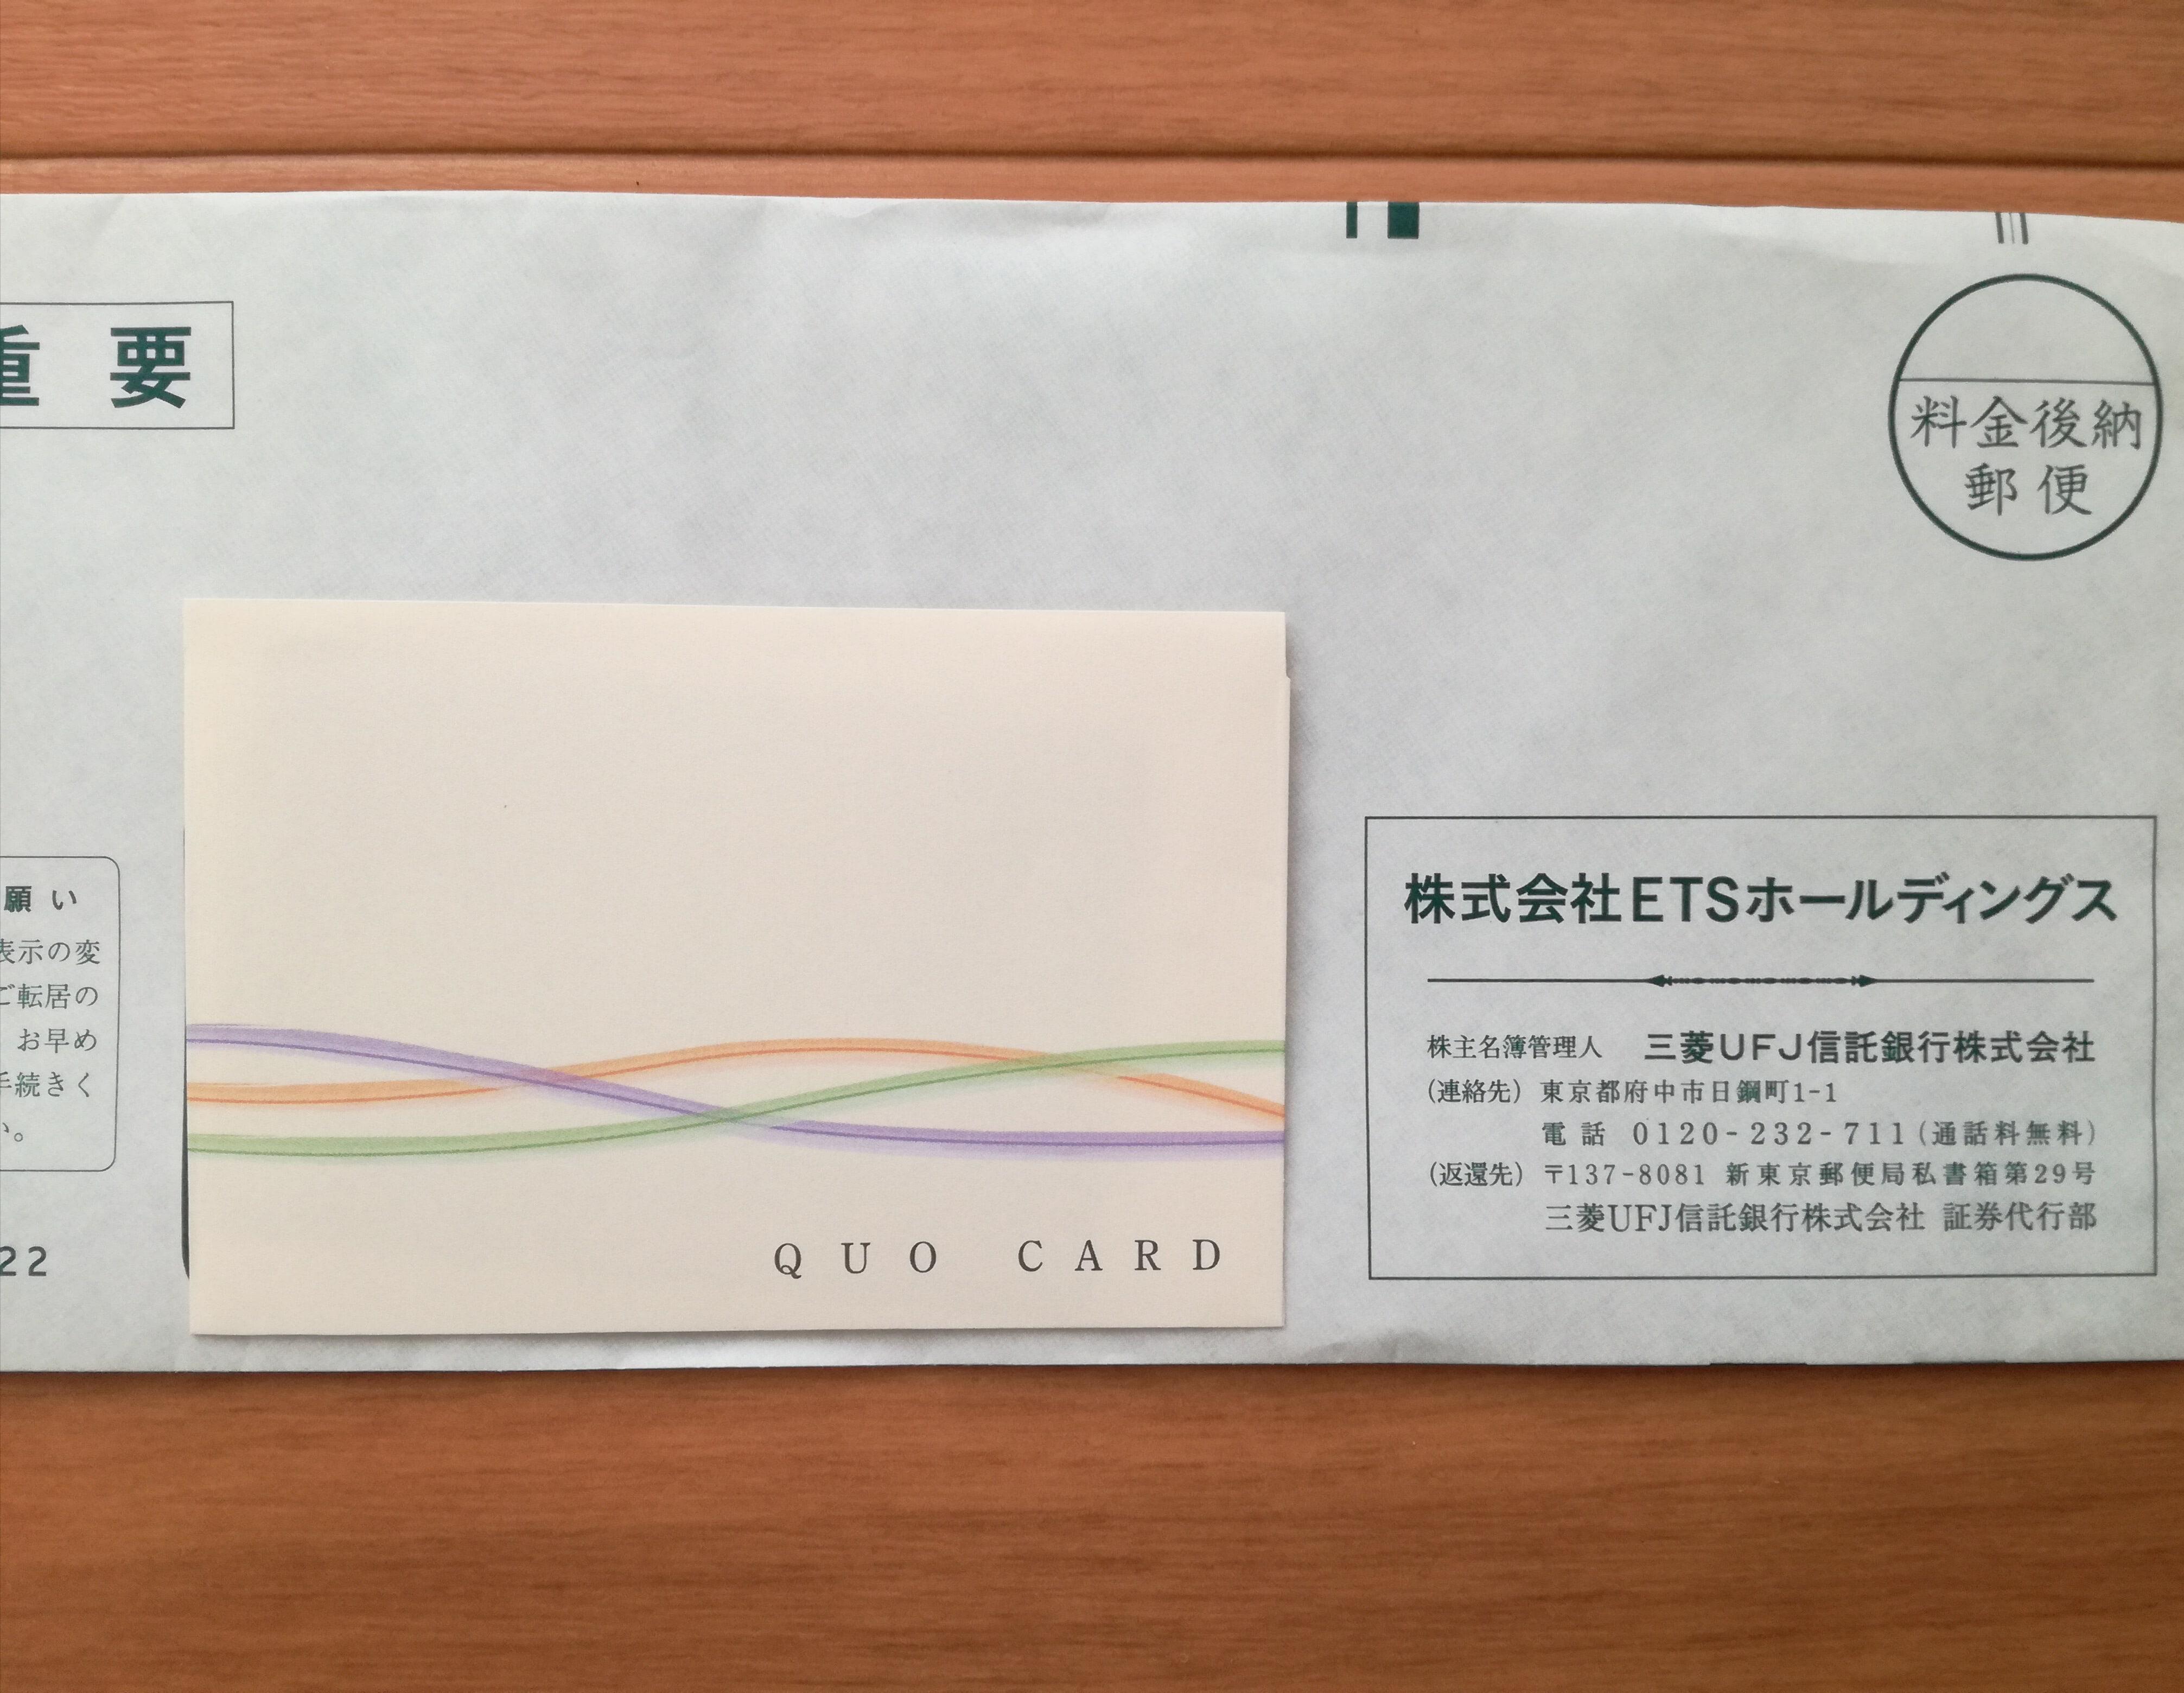 ETSホールディングス(1789)から株主優待クオカード1,000円分が到着!